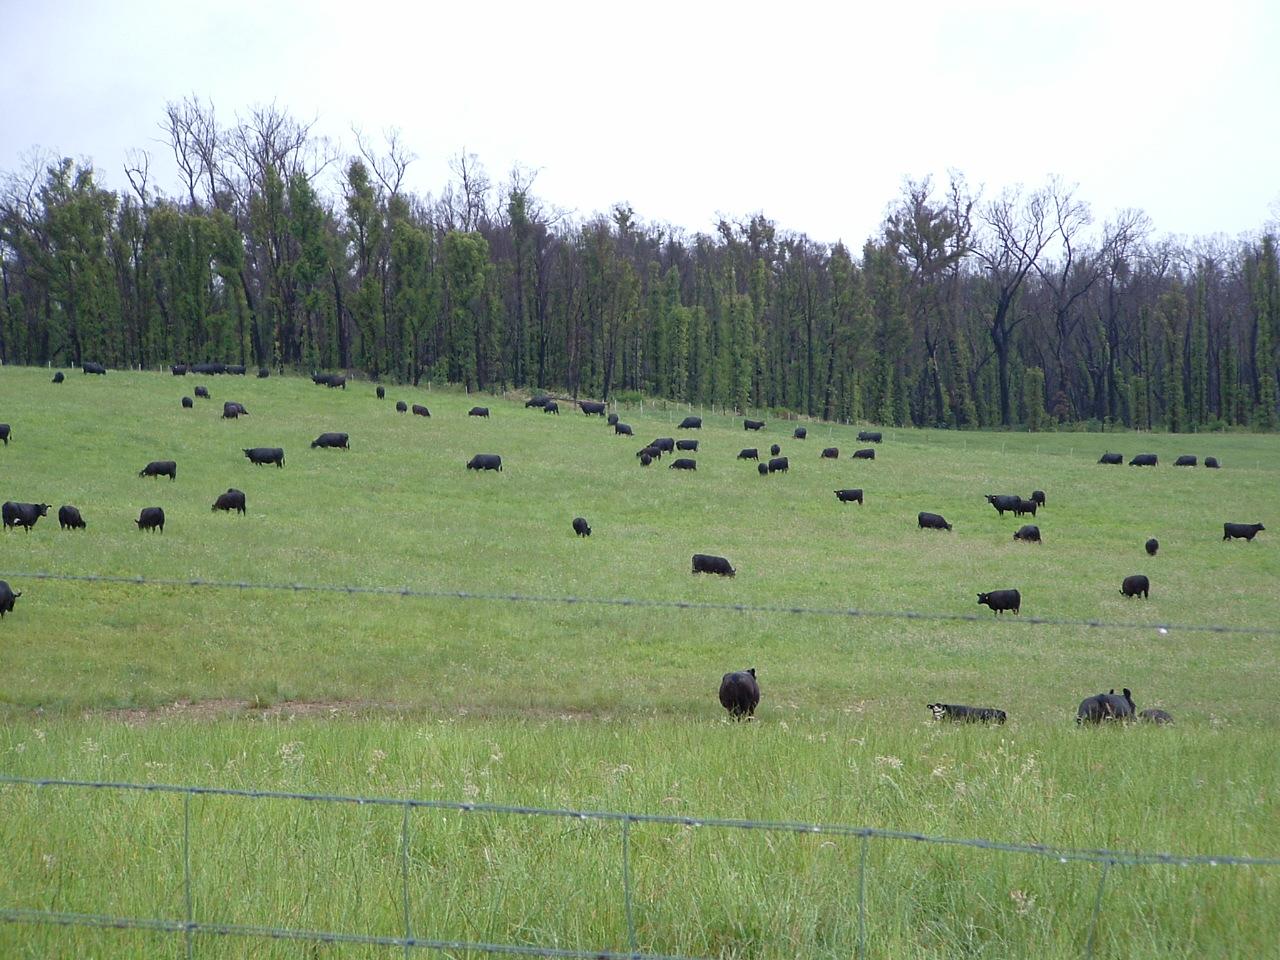 Springbank, Narbethong Cows & Calves